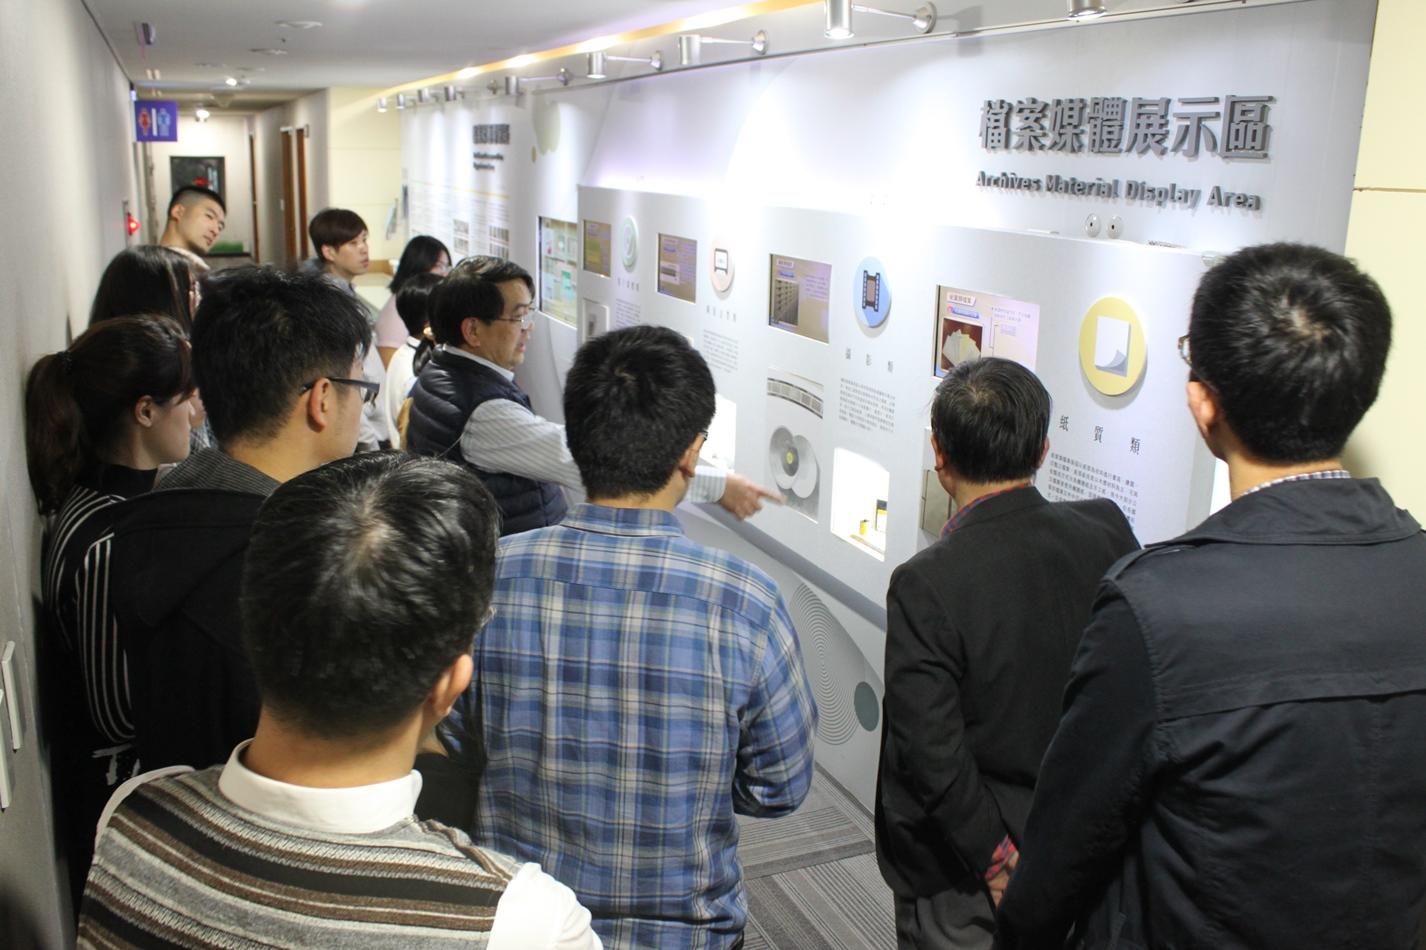 台灣電力股份有限公司總管理處秘書處到局參訪